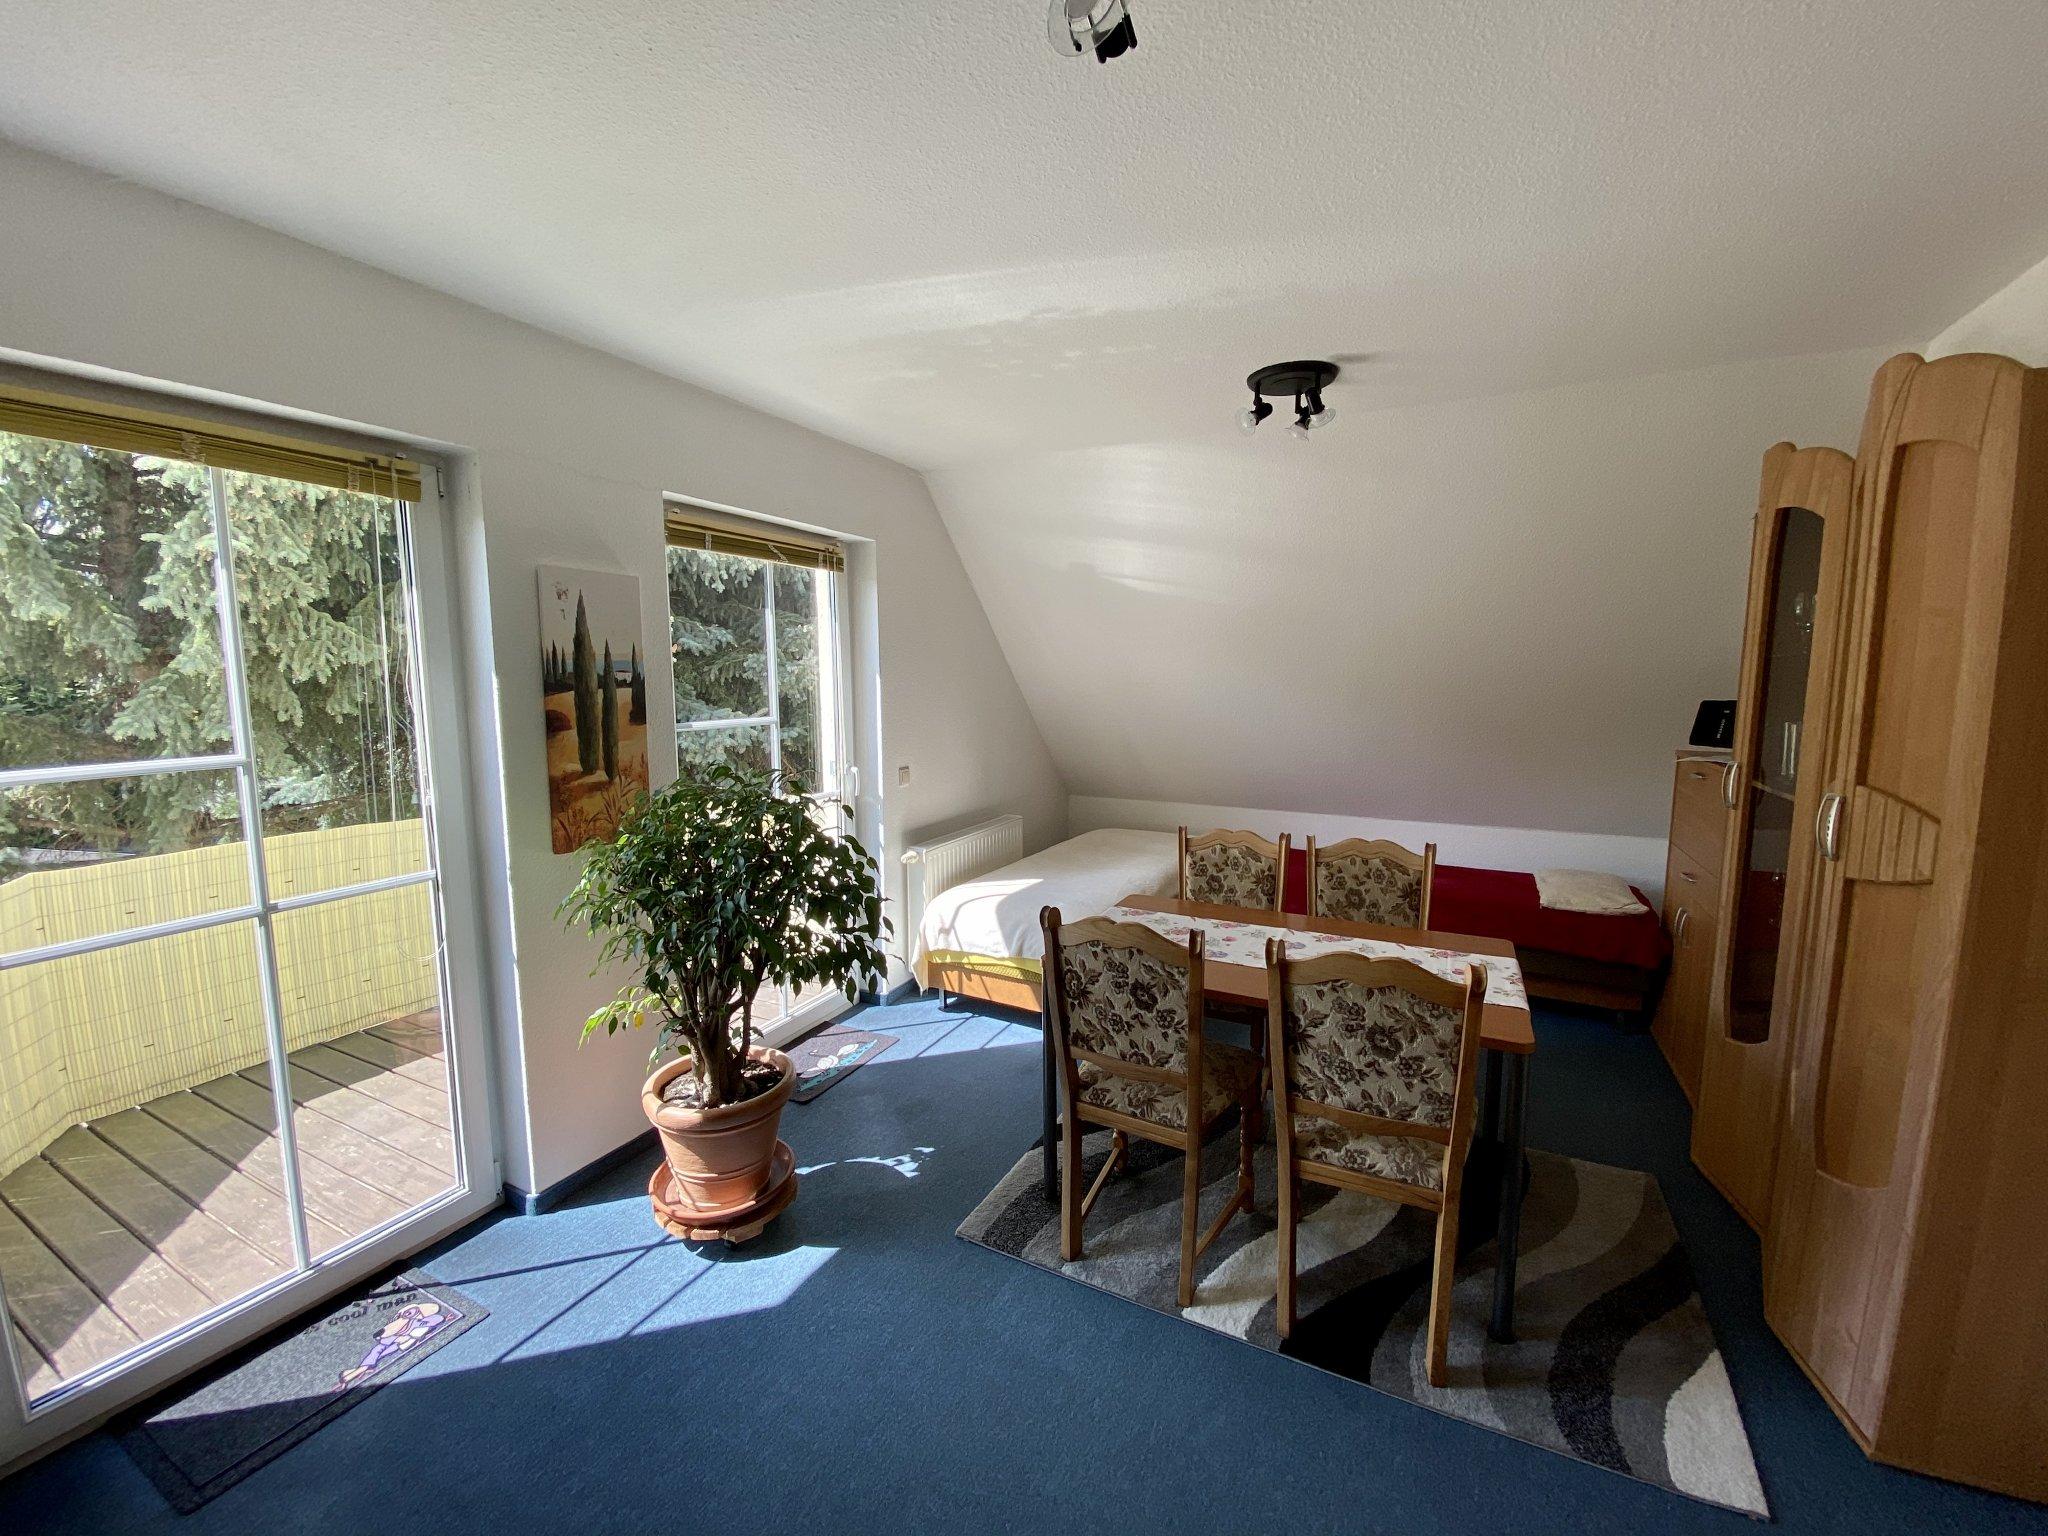 Wohnzimmer - Esstisch + Aufbettung